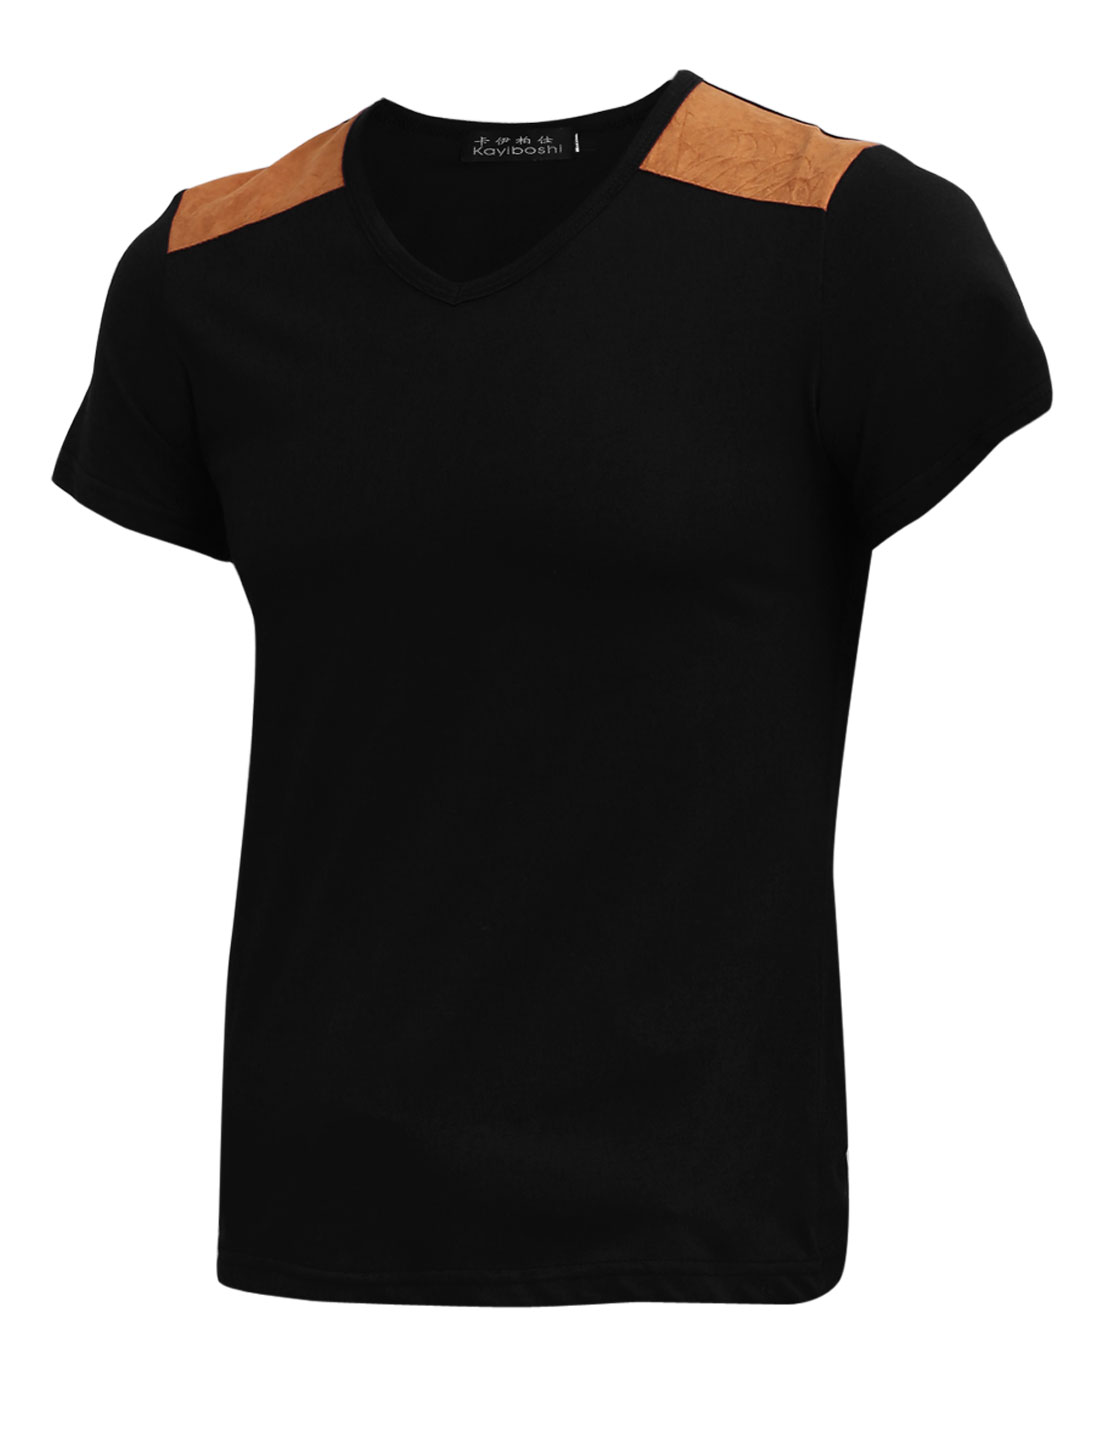 Man V Neck Panel Design Slim Fit Slipover Basic T-Shirt Black S